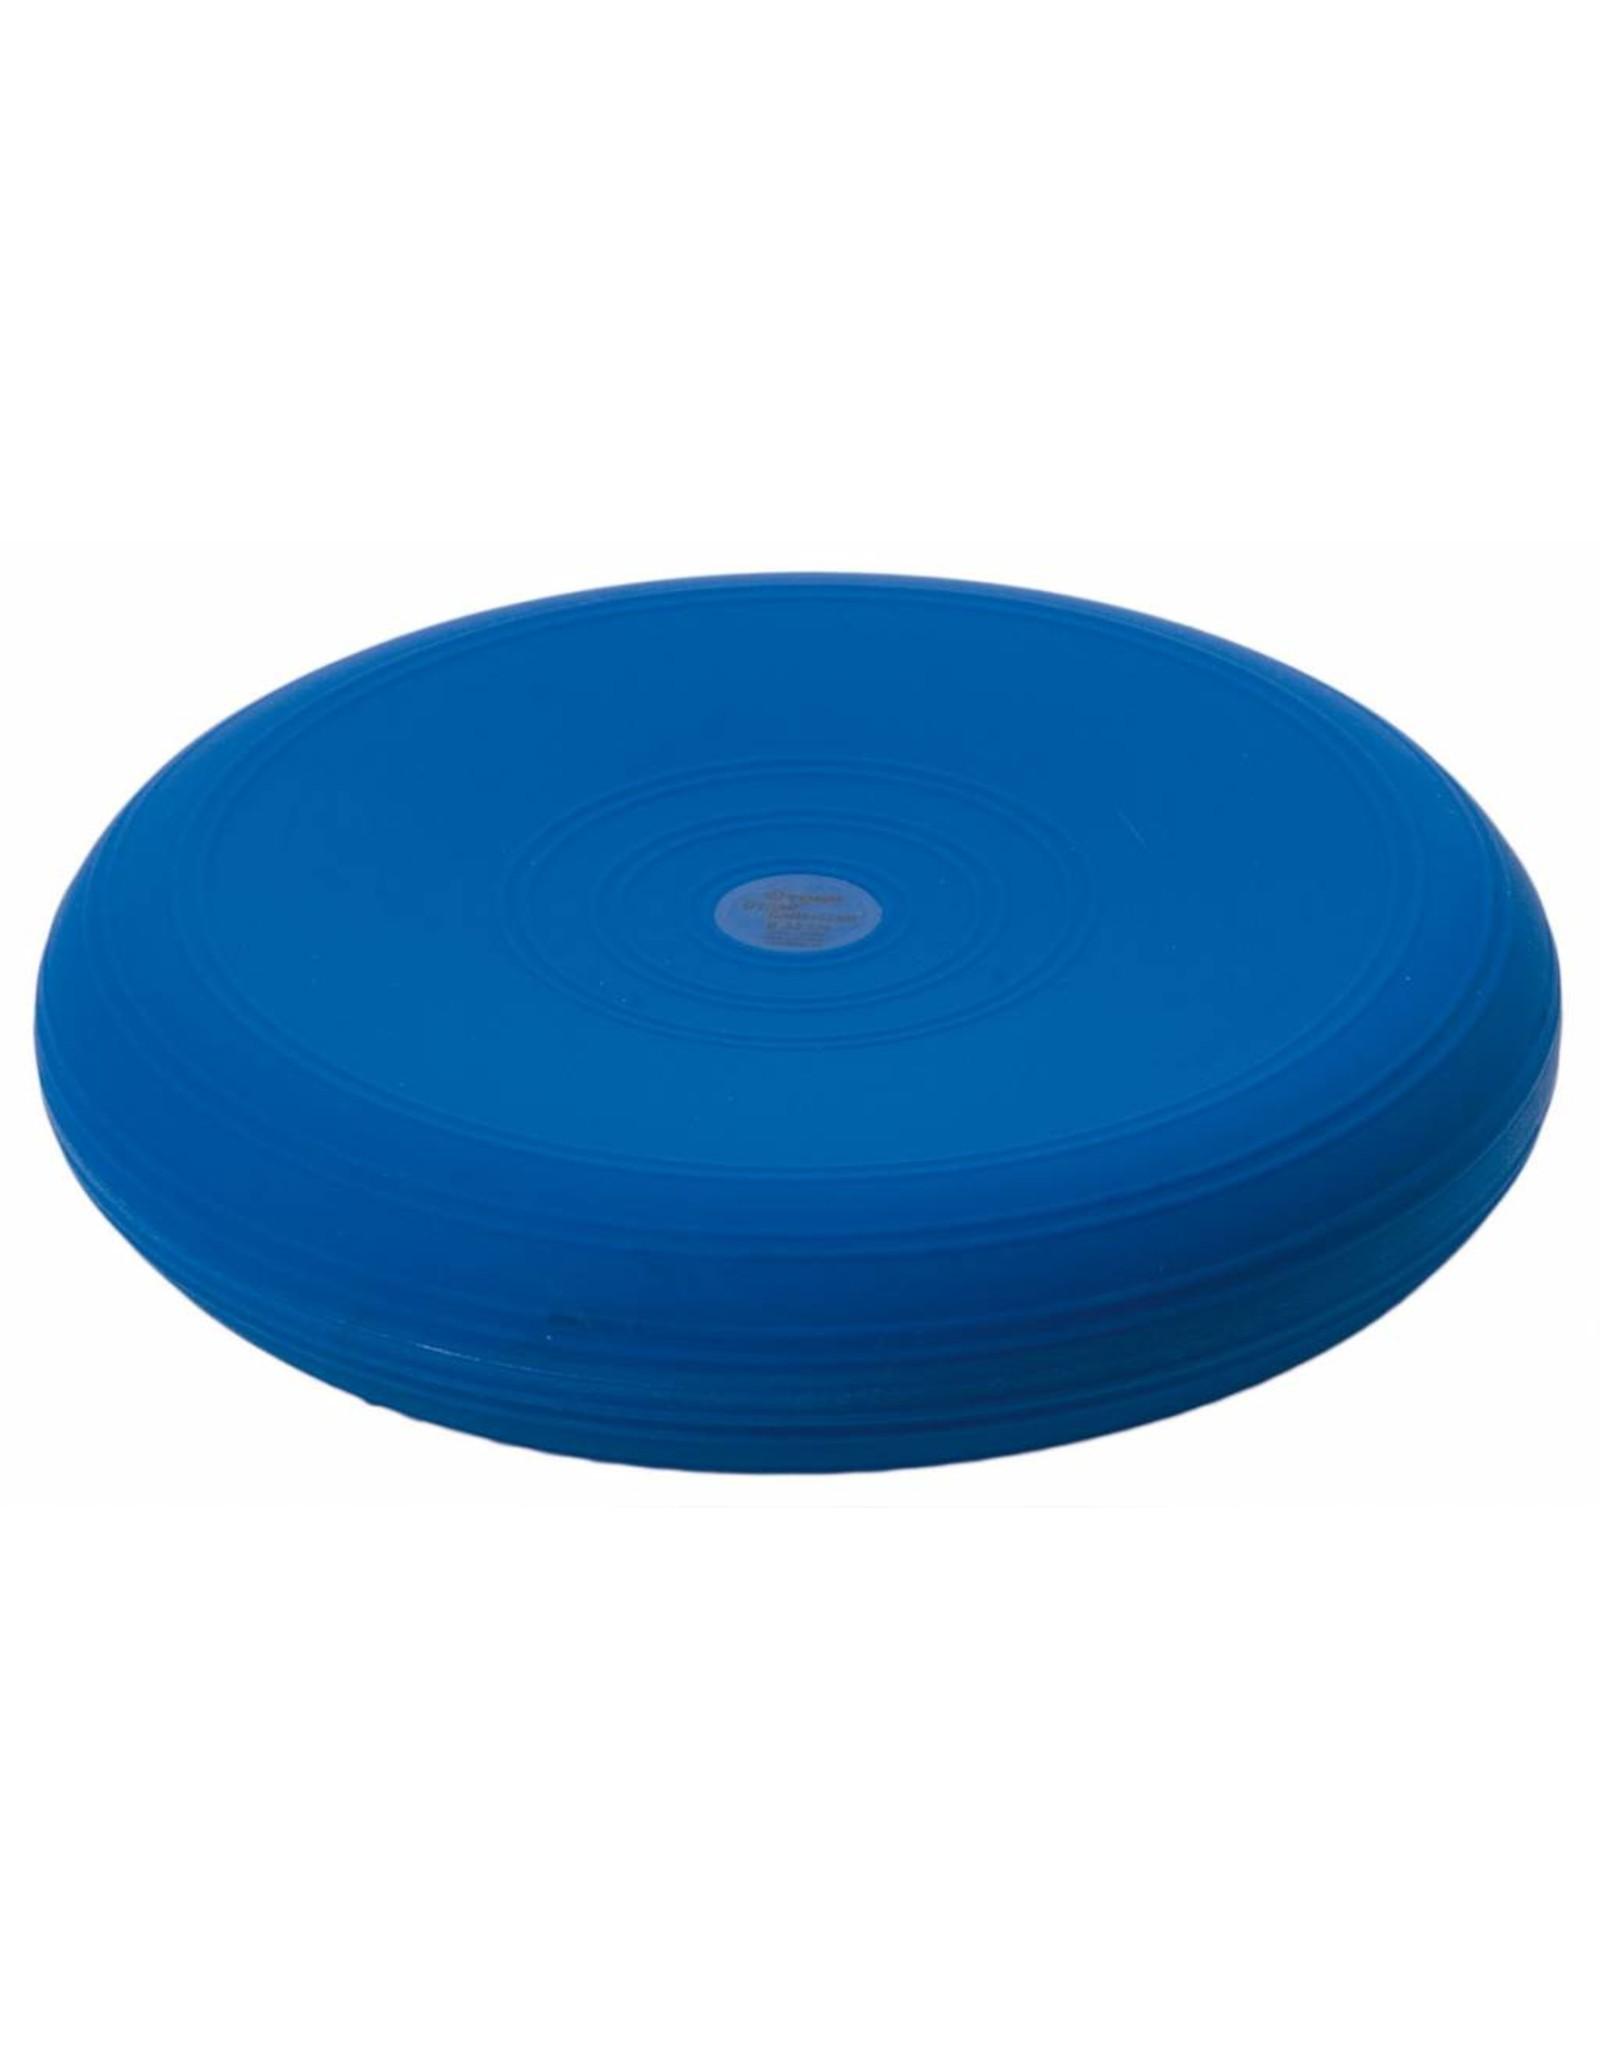 Dynair Dynair Ballkissen blau